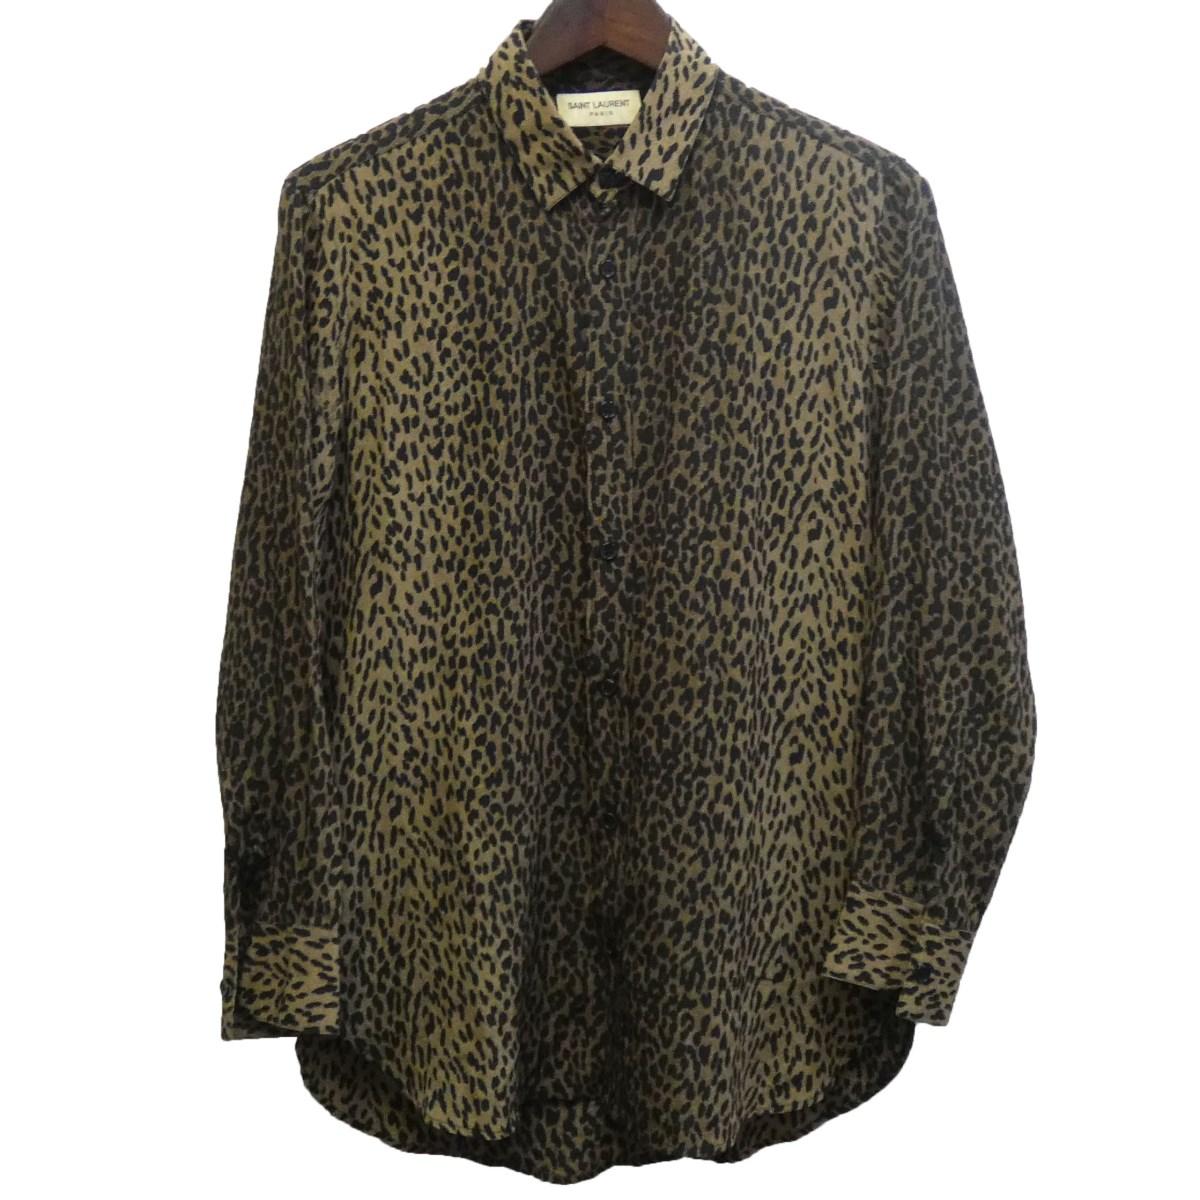 【中古】SAINT LAURENT PARIS ベイビーキャットシャツ ブラウン サイズ:37 【080320】(サンローランパリ)